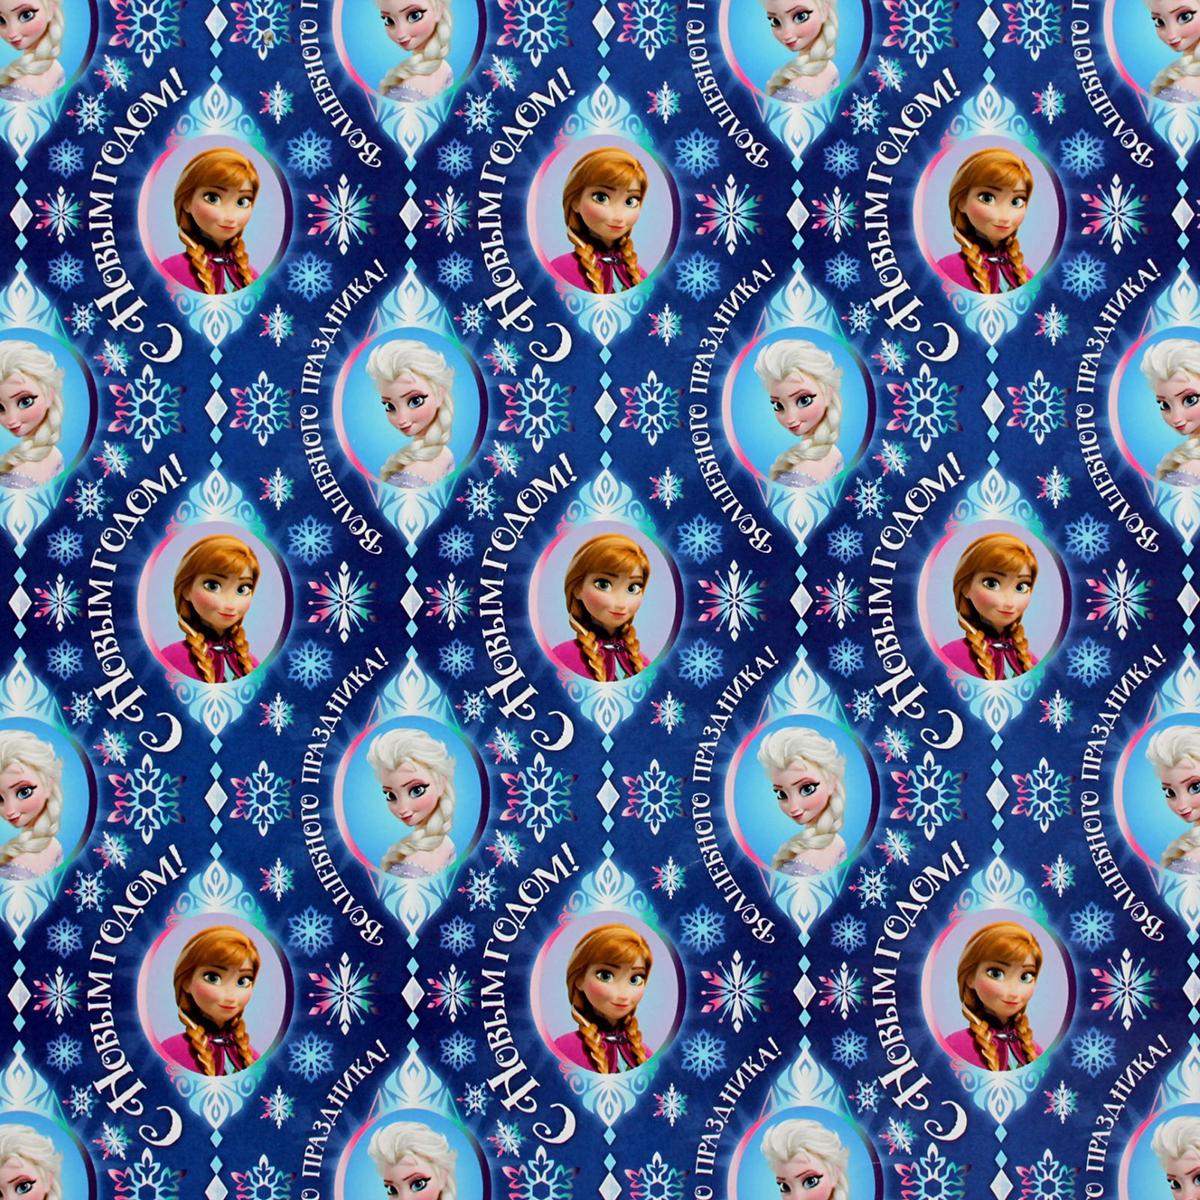 Бумага упаковочная Disney Волшебного праздника. Холодное сердце, глянцевая, 70 х 100 см. 25864522586452Дарите счастье с Disney! Если вы готовите для малыша подарок, о котором он давно мечтал (конструктор или железную дорогу для бойкого мальчугана, а может, набор нарядных кукол для маленькой принцессы), позаботьтесь о небольшой, но важной детали — красивой упаковке. Подарочная глянцевая бумага заставит сердце чада биться чаще в предвкушении. Ребёнок сразу поймёт, что мамочка с папочкой приготовили для него что-то особенное: ещё пара секунд и произойдёт чудо! Любимые герои мультфильмов сделают праздник веселее. Помните, что улыбка и смех крохи — счастье для каждого родителя!